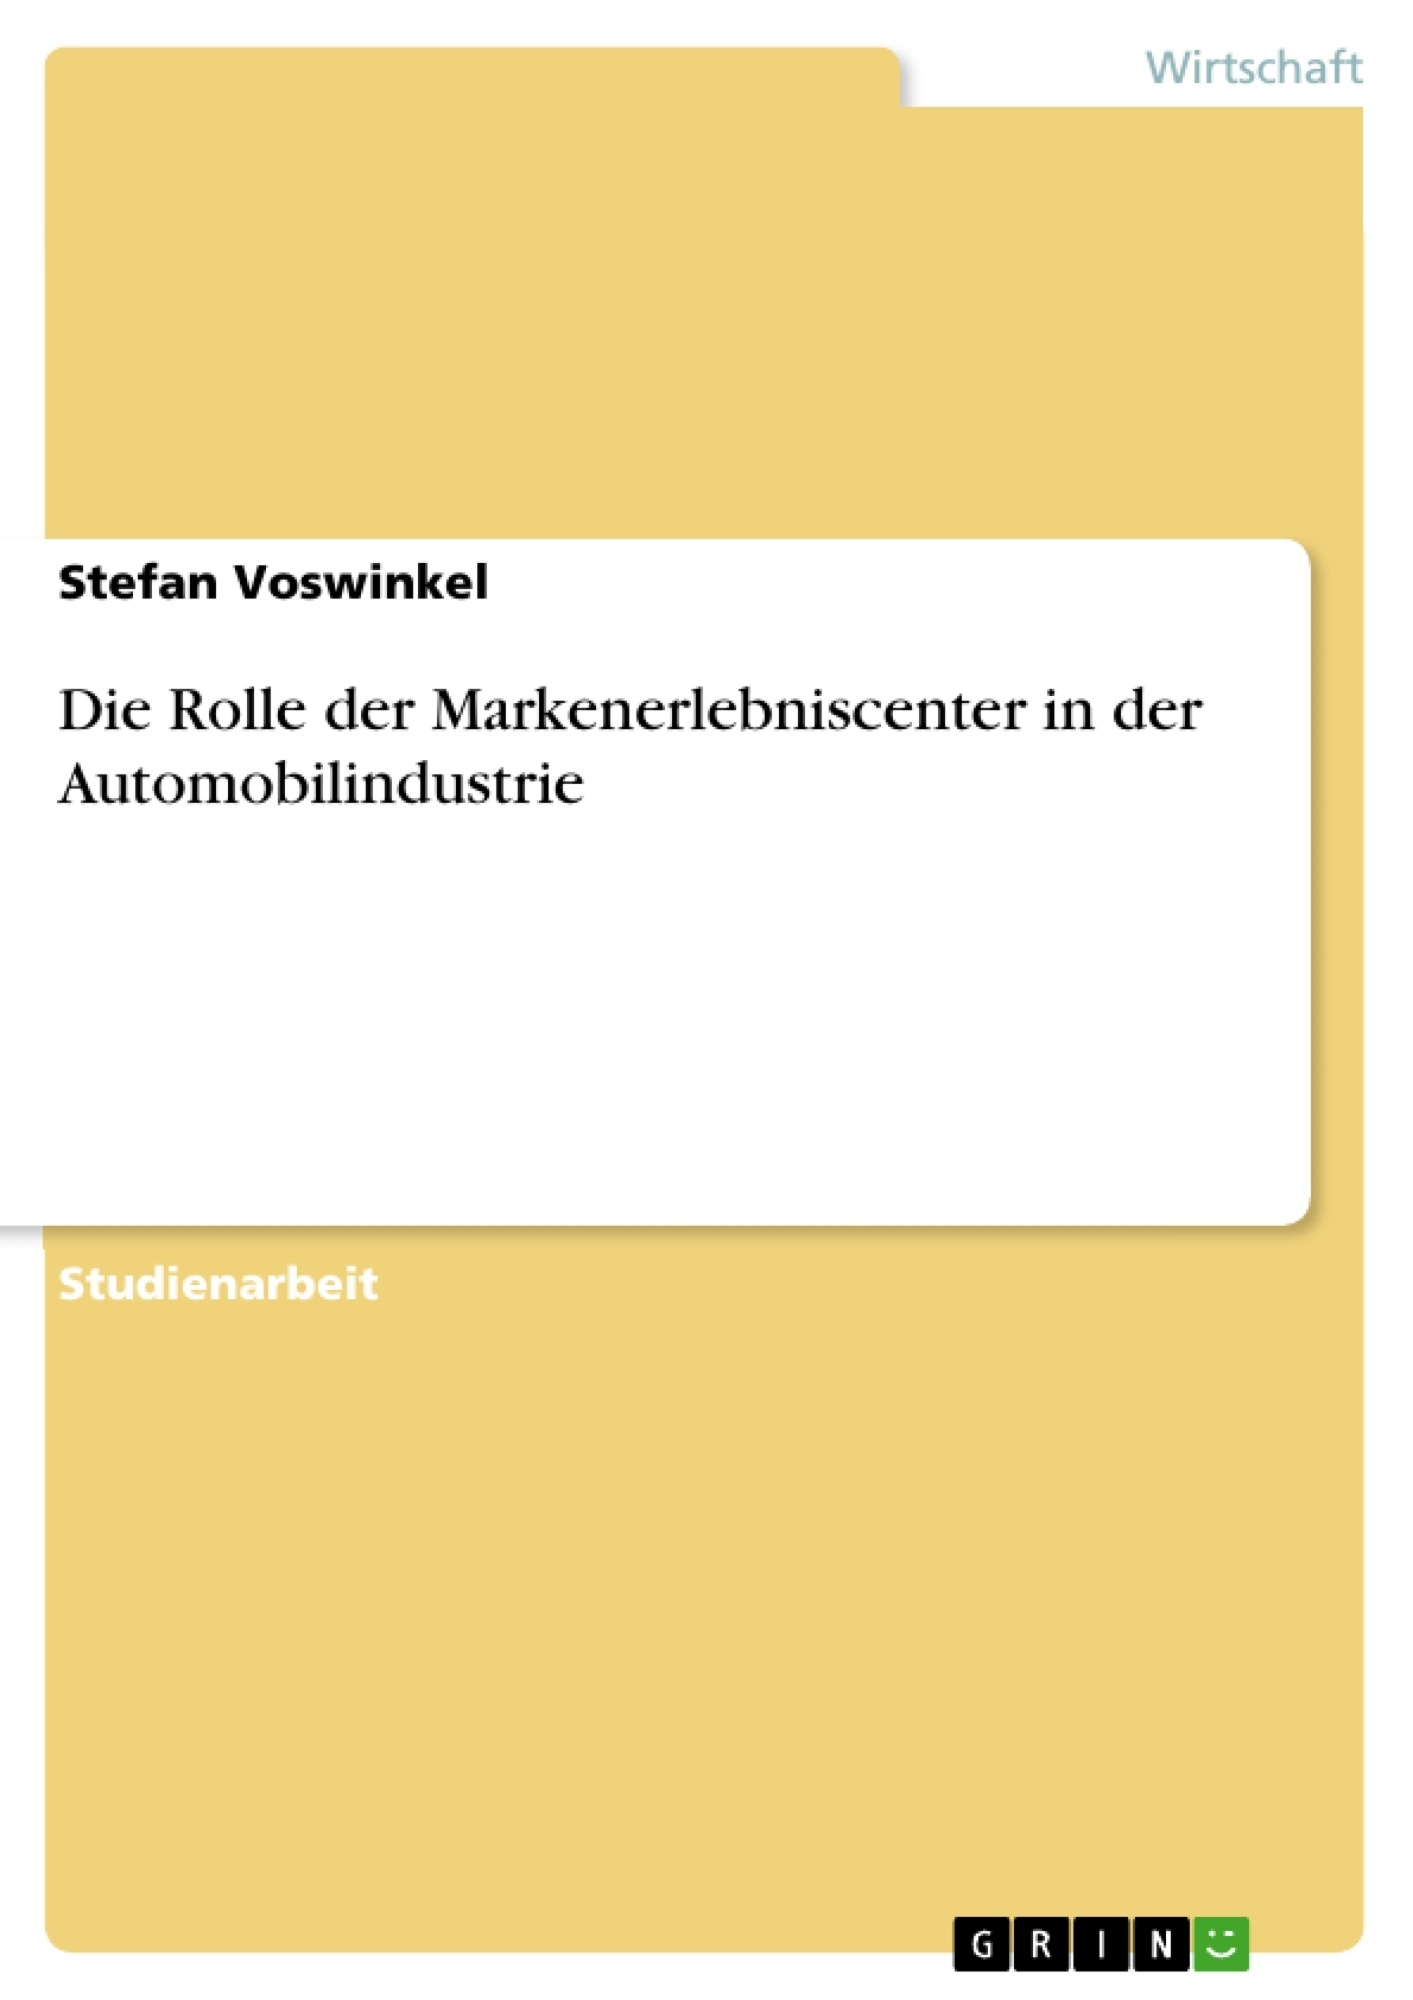 Titel: Die Rolle der Markenerlebniscenter in der Automobilindustrie